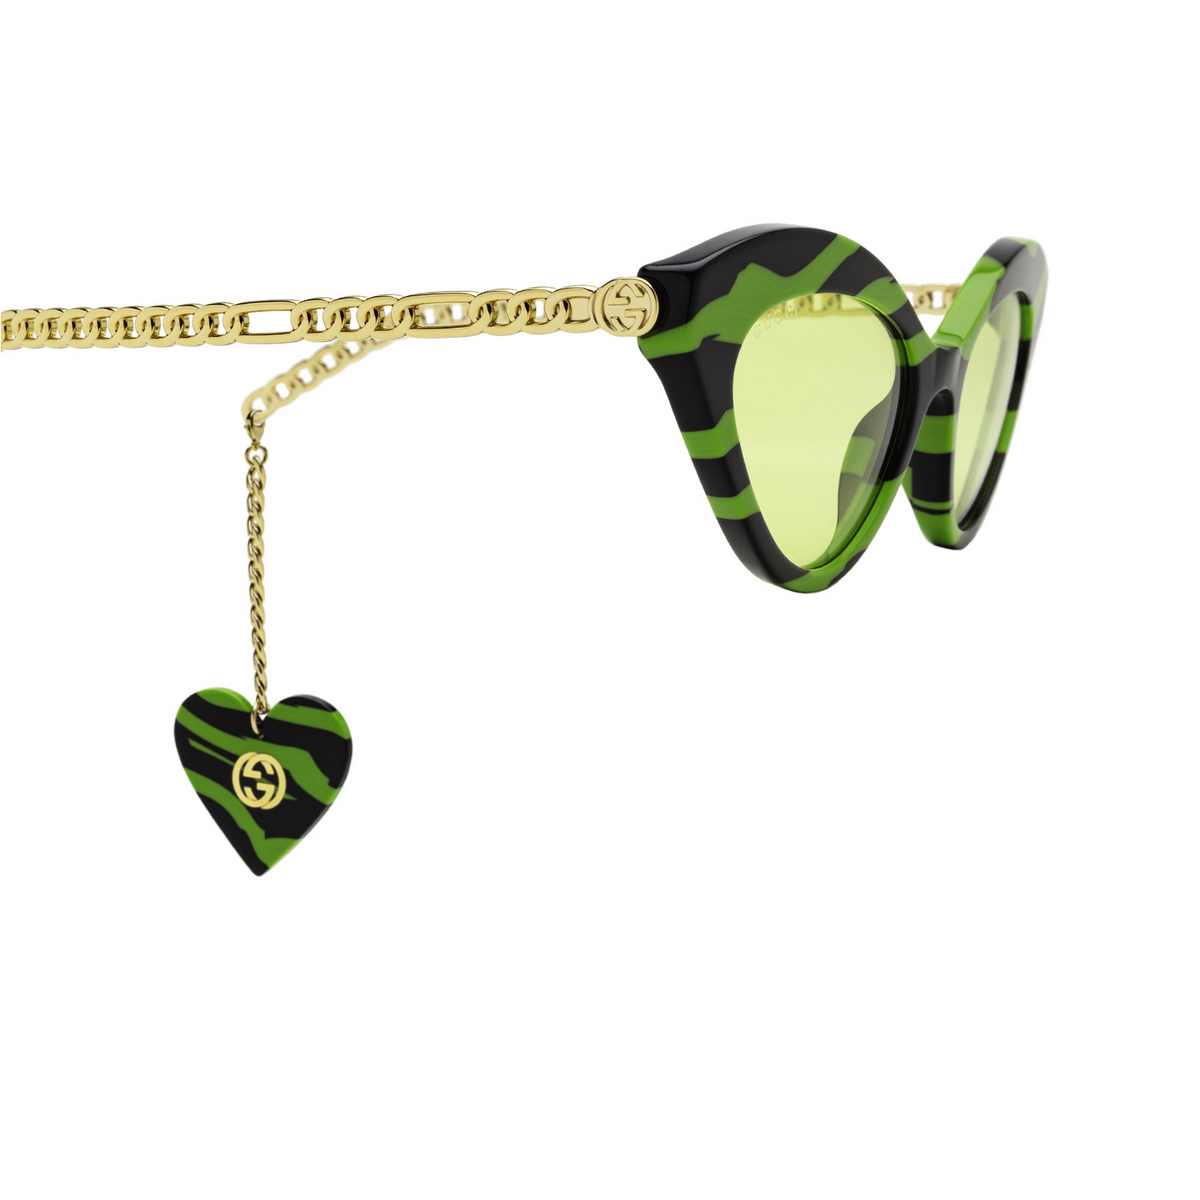 Gucci® Cat-eye Sunglasses: GG0978S color Green & Black 006 - 3/4.